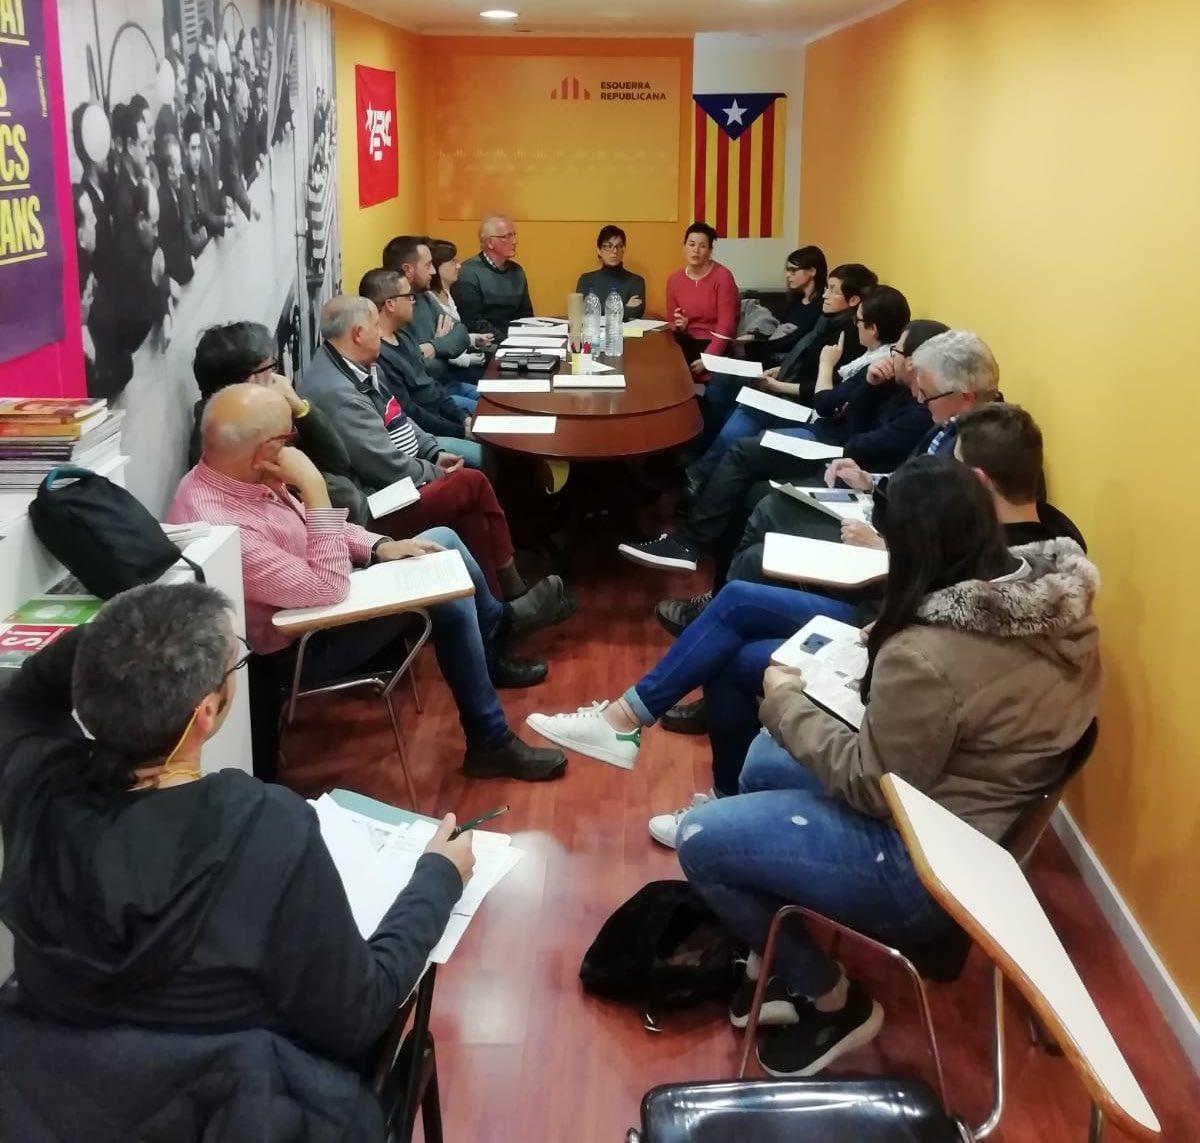 Esquerra de Tàrrega prepara la candidatura per les municipals